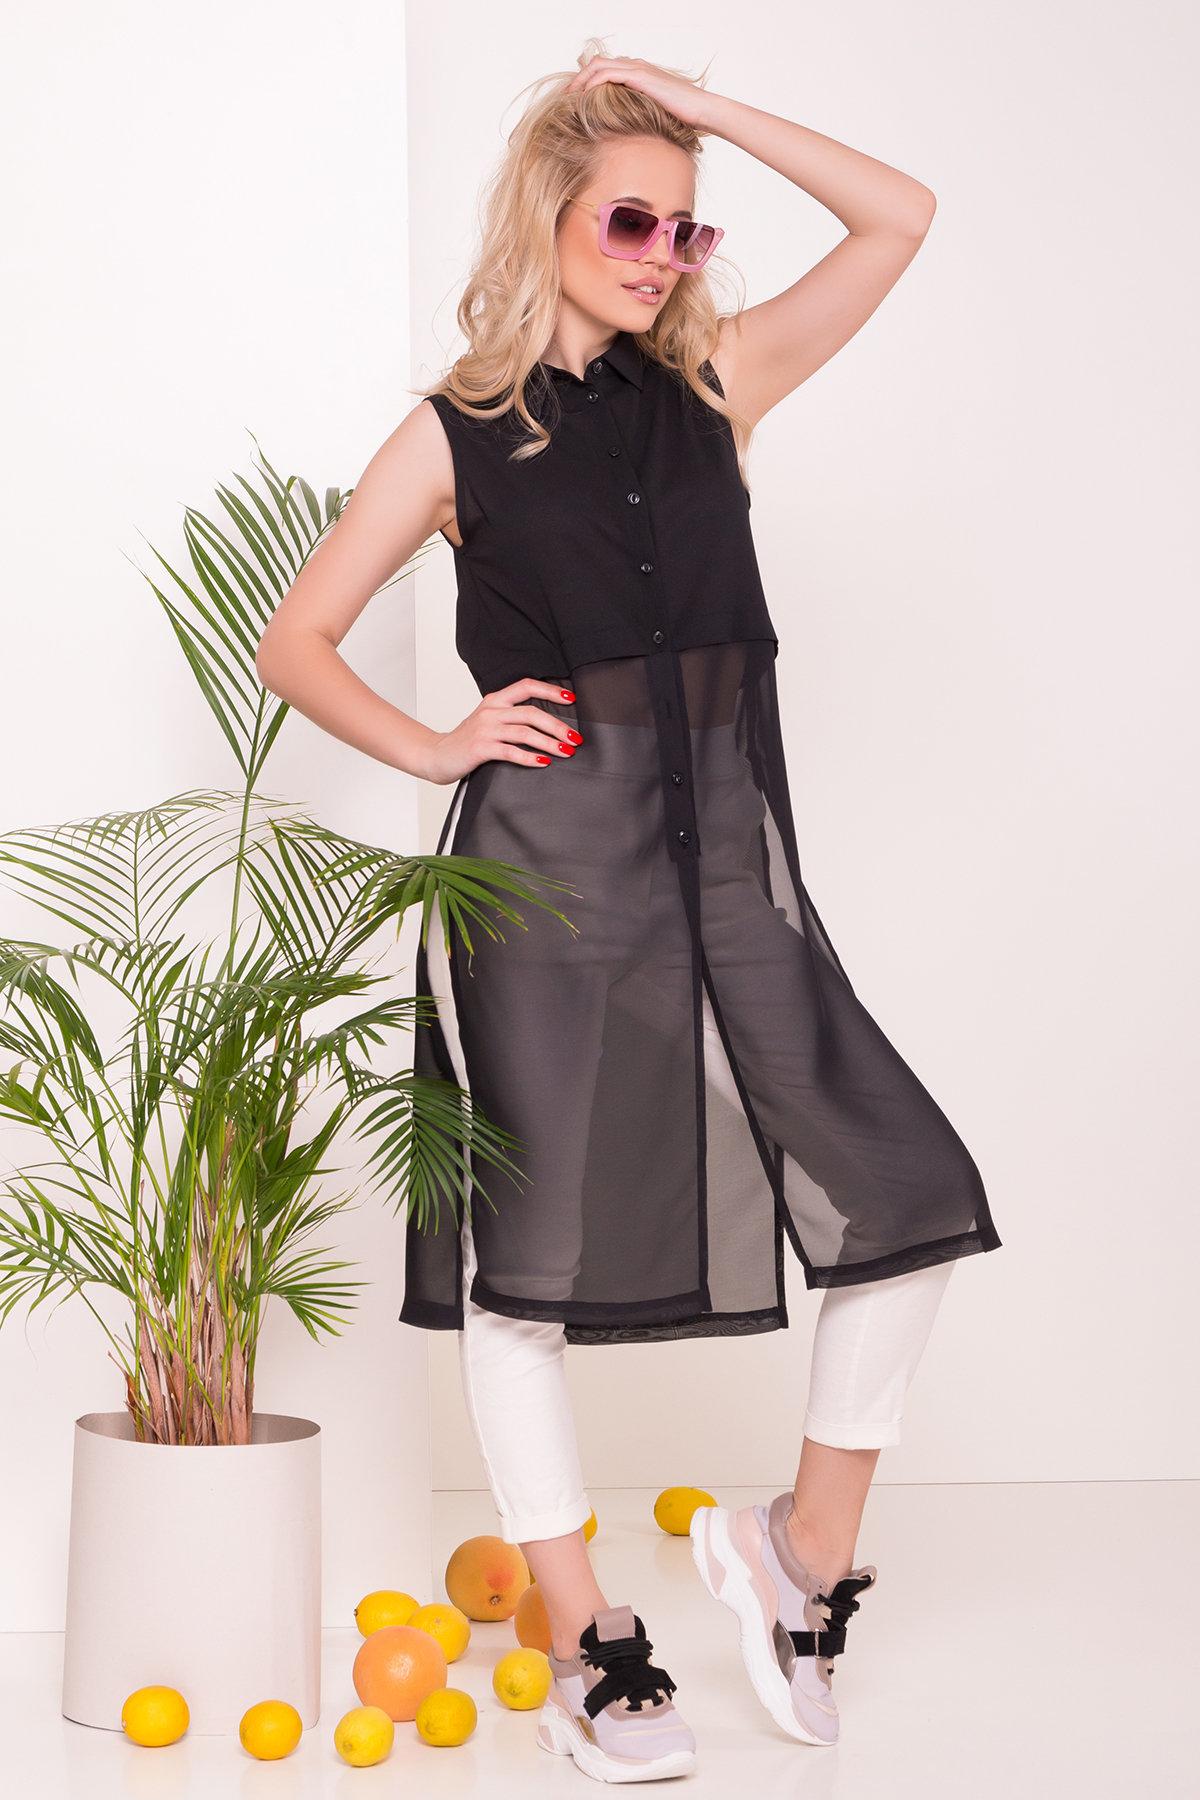 Рубашка без рукавов Дива 7532 АРТ. 43441 Цвет: Черный - фото 3, интернет магазин tm-modus.ru